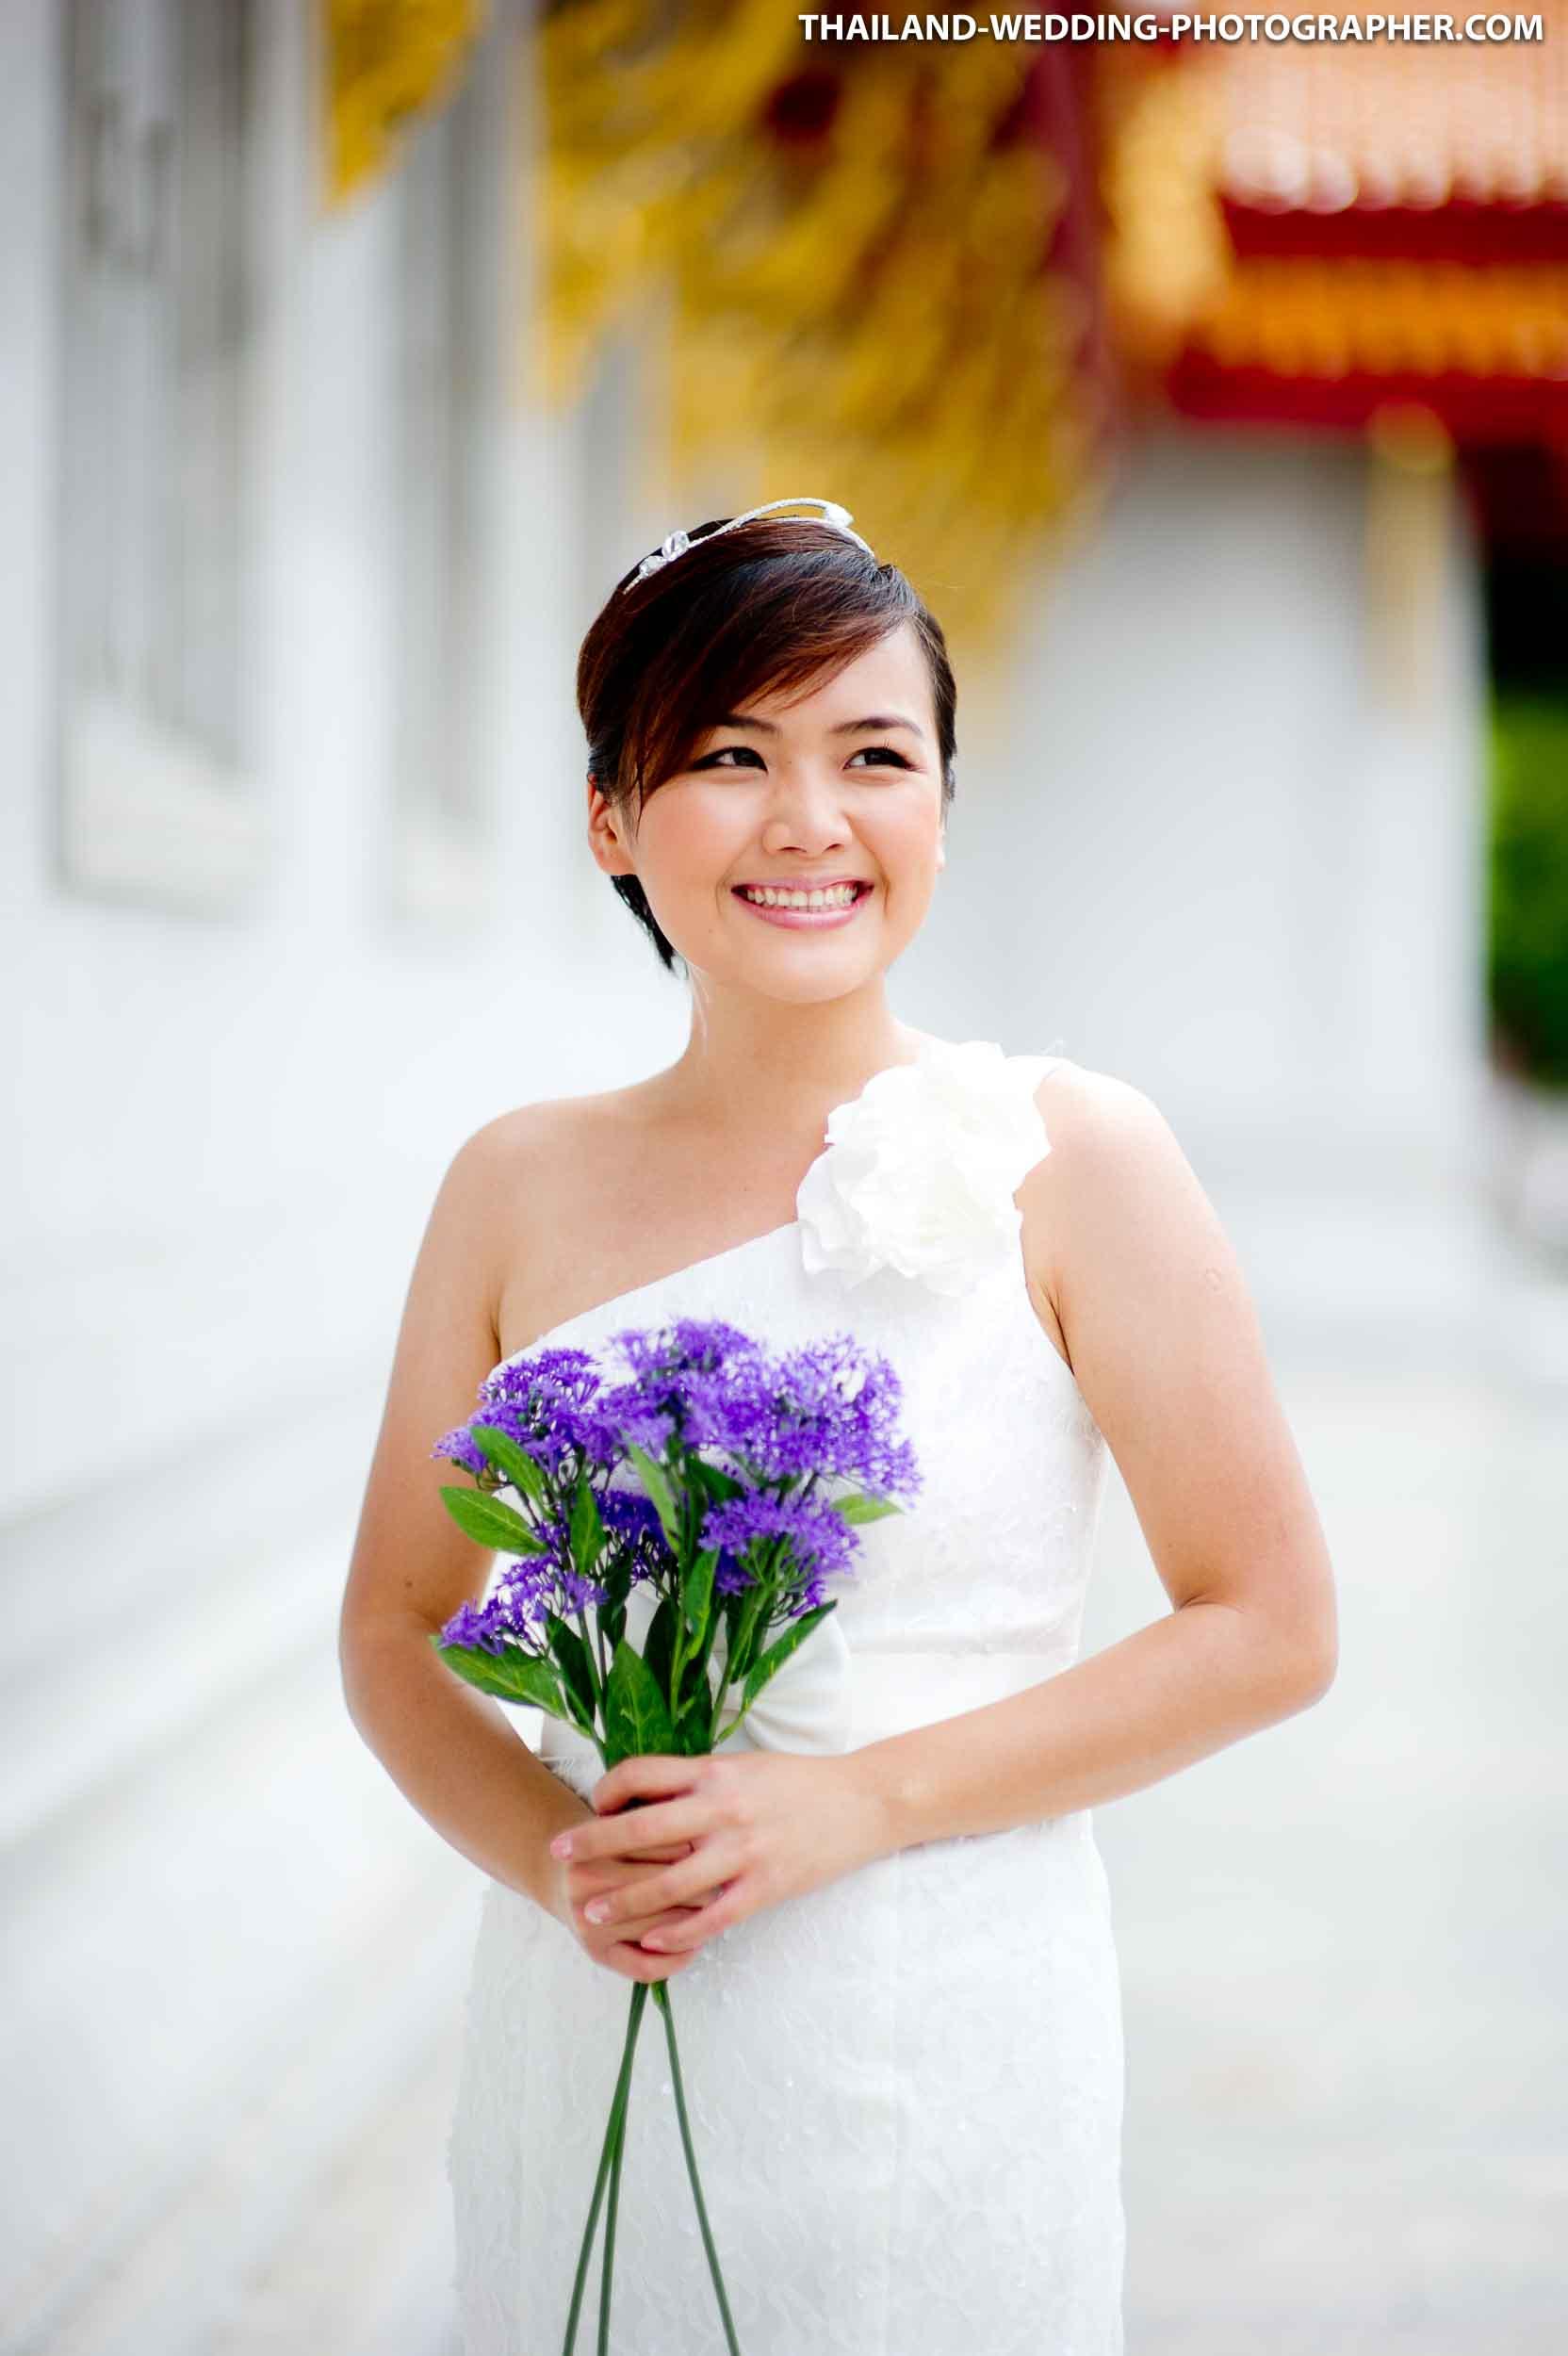 Marble Temple Bangkok Thailand Pre-Wedding